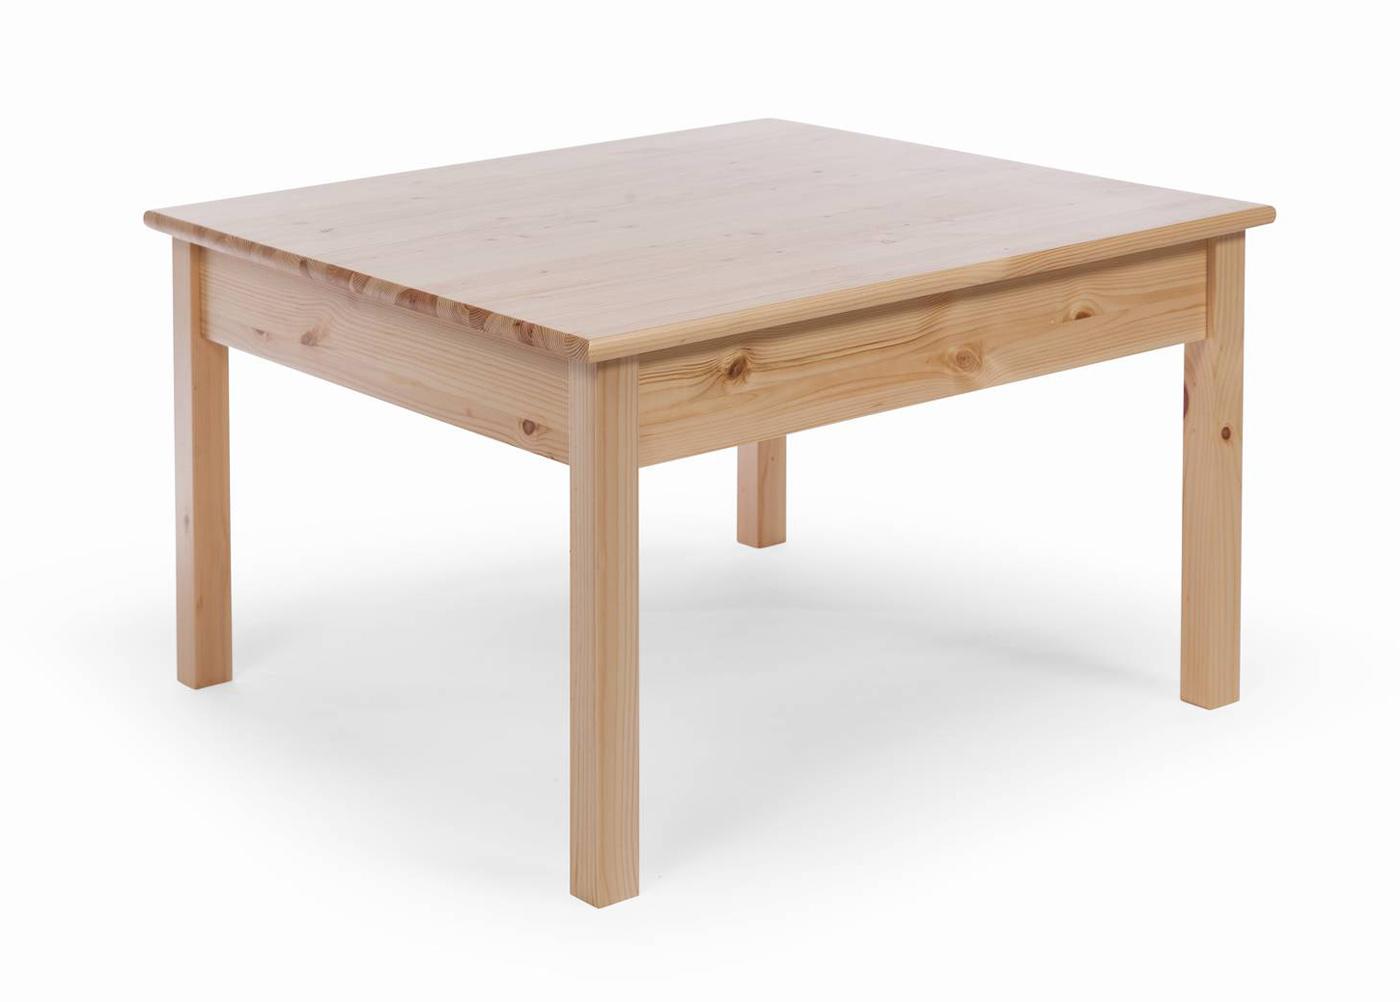 Sohvapöytä/lasten pöytä SUME 75x75 cm